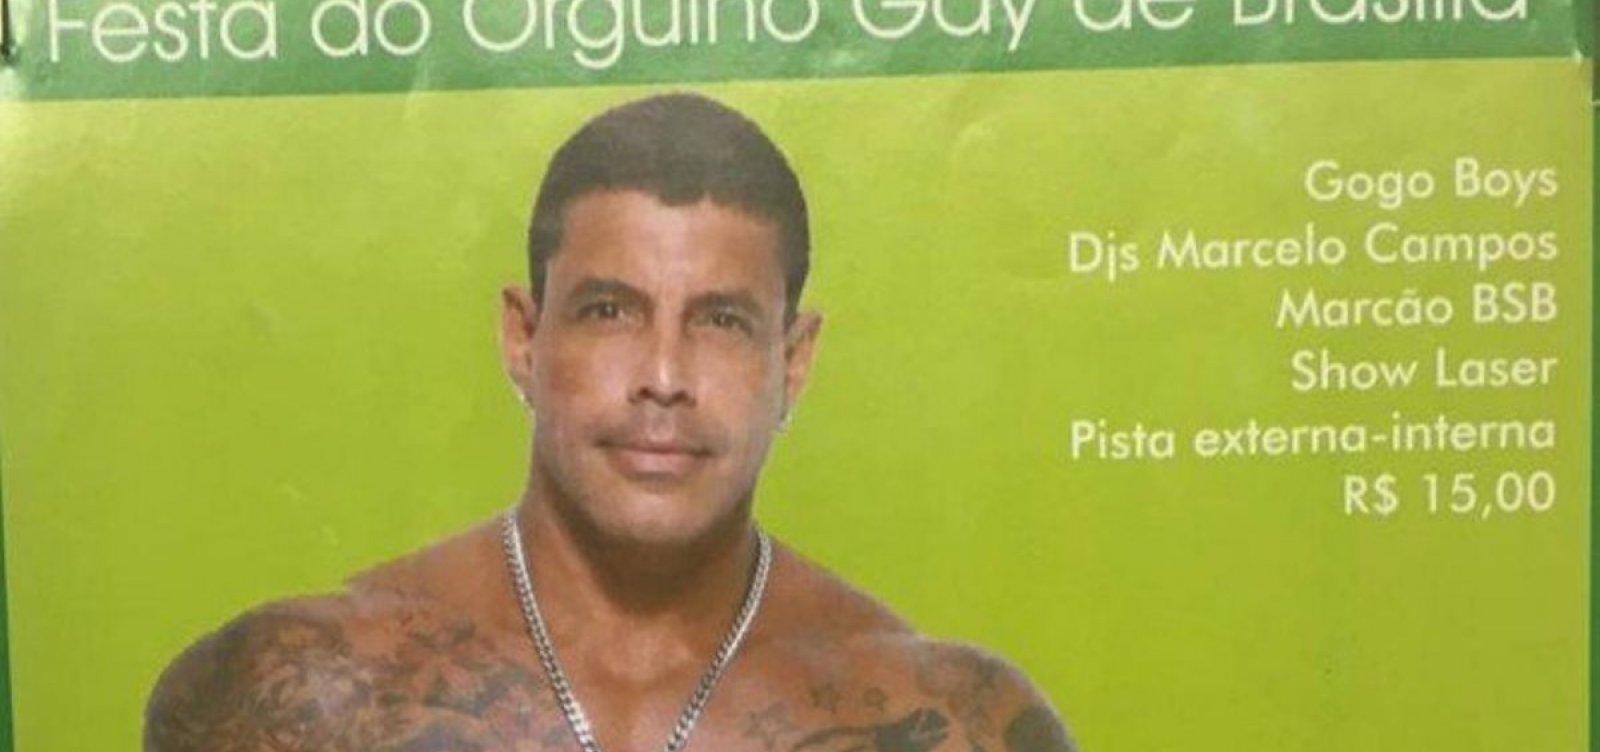 Acusado de dar calote em festa gay, Alexandre Frota pode ter salário bloqueado